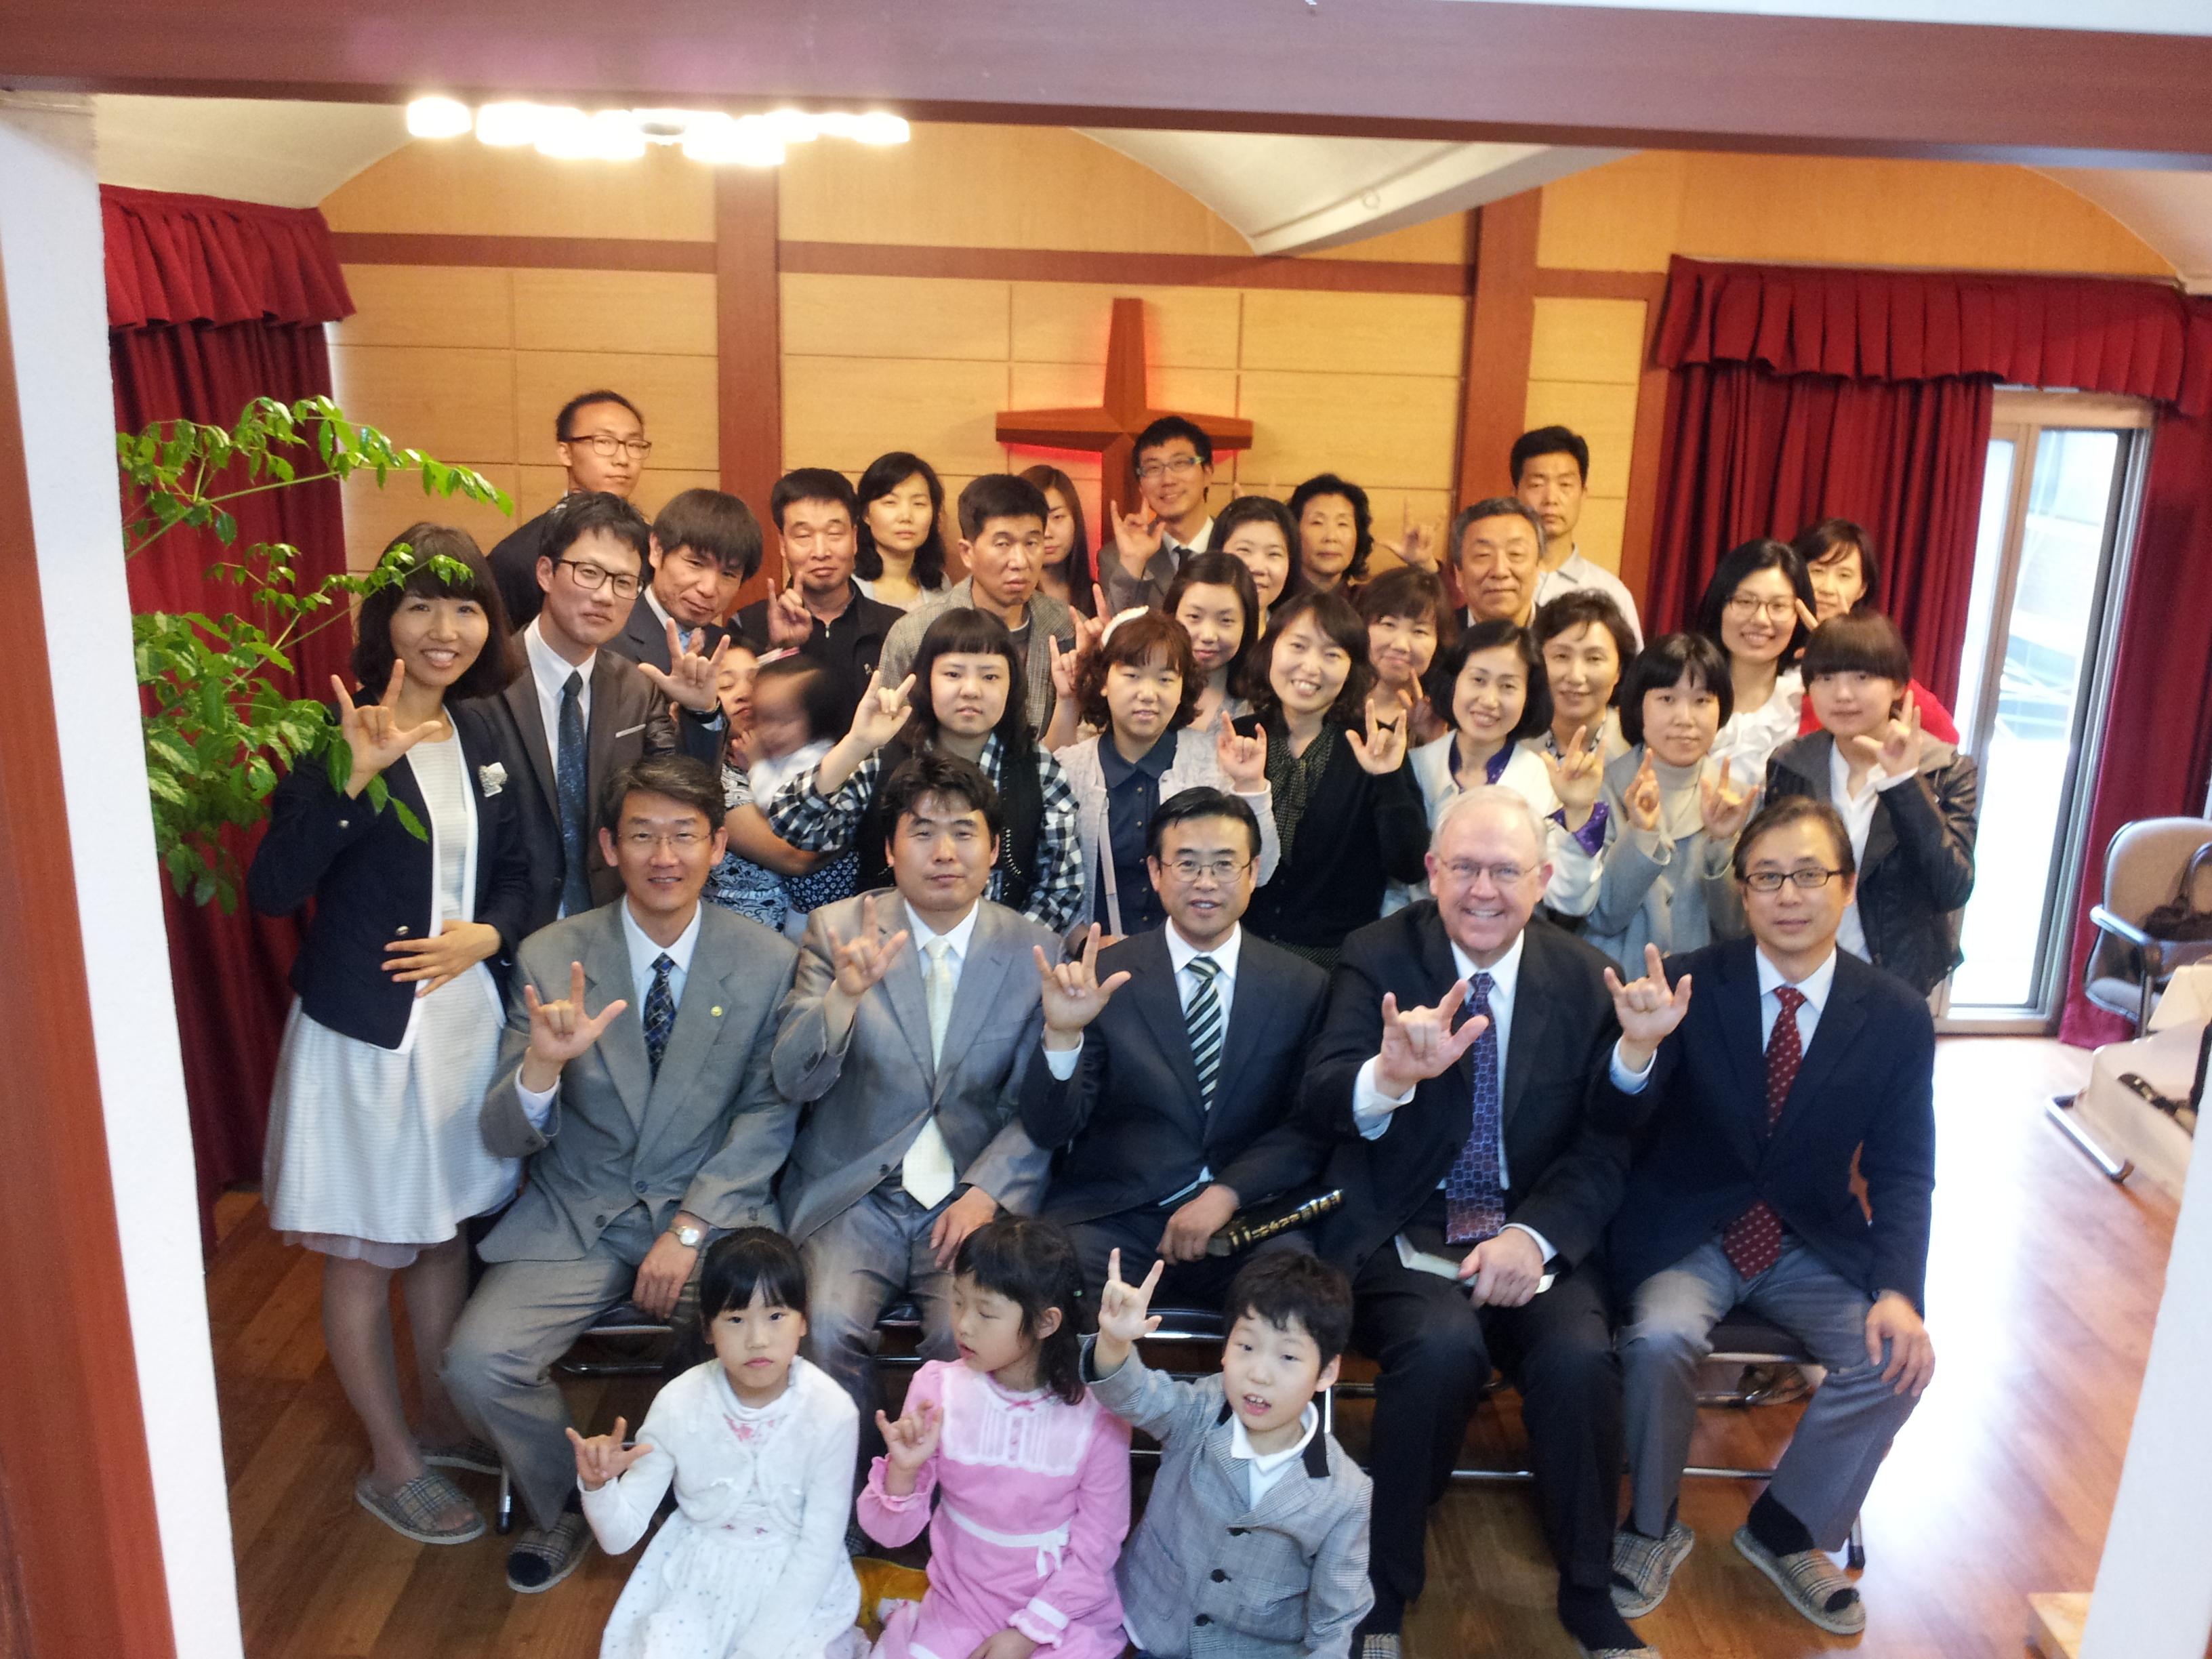 2011-05-21 12.23.51.jpg